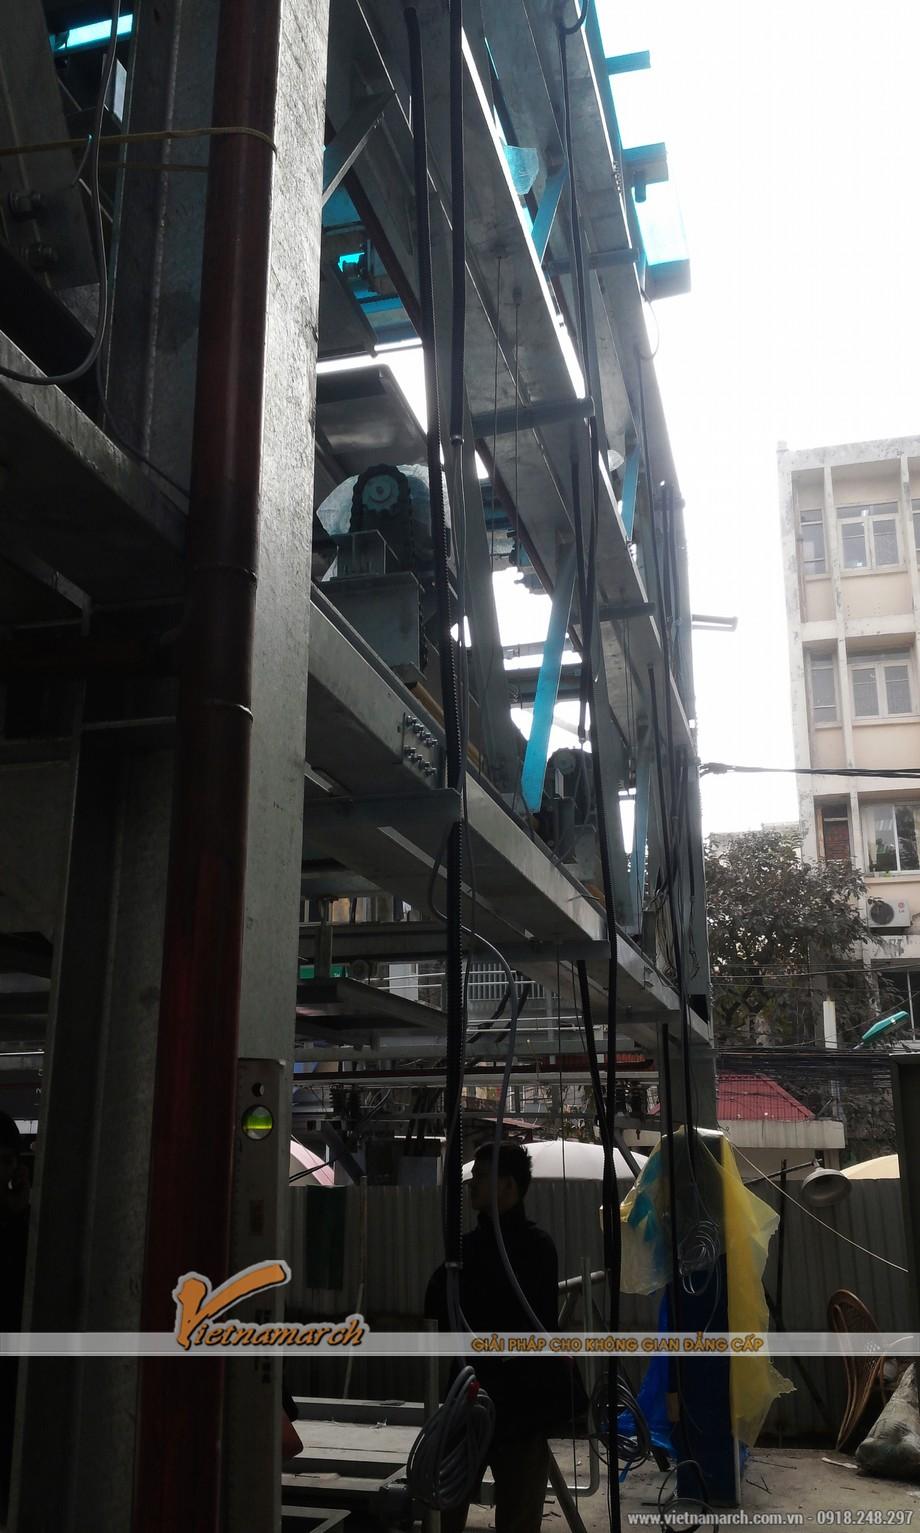 Giàn thép đỗ xe Nguyễn Công Hoan đang trong khâu hoàn thiện cuối cùng trước khi đưa vào sử dụng